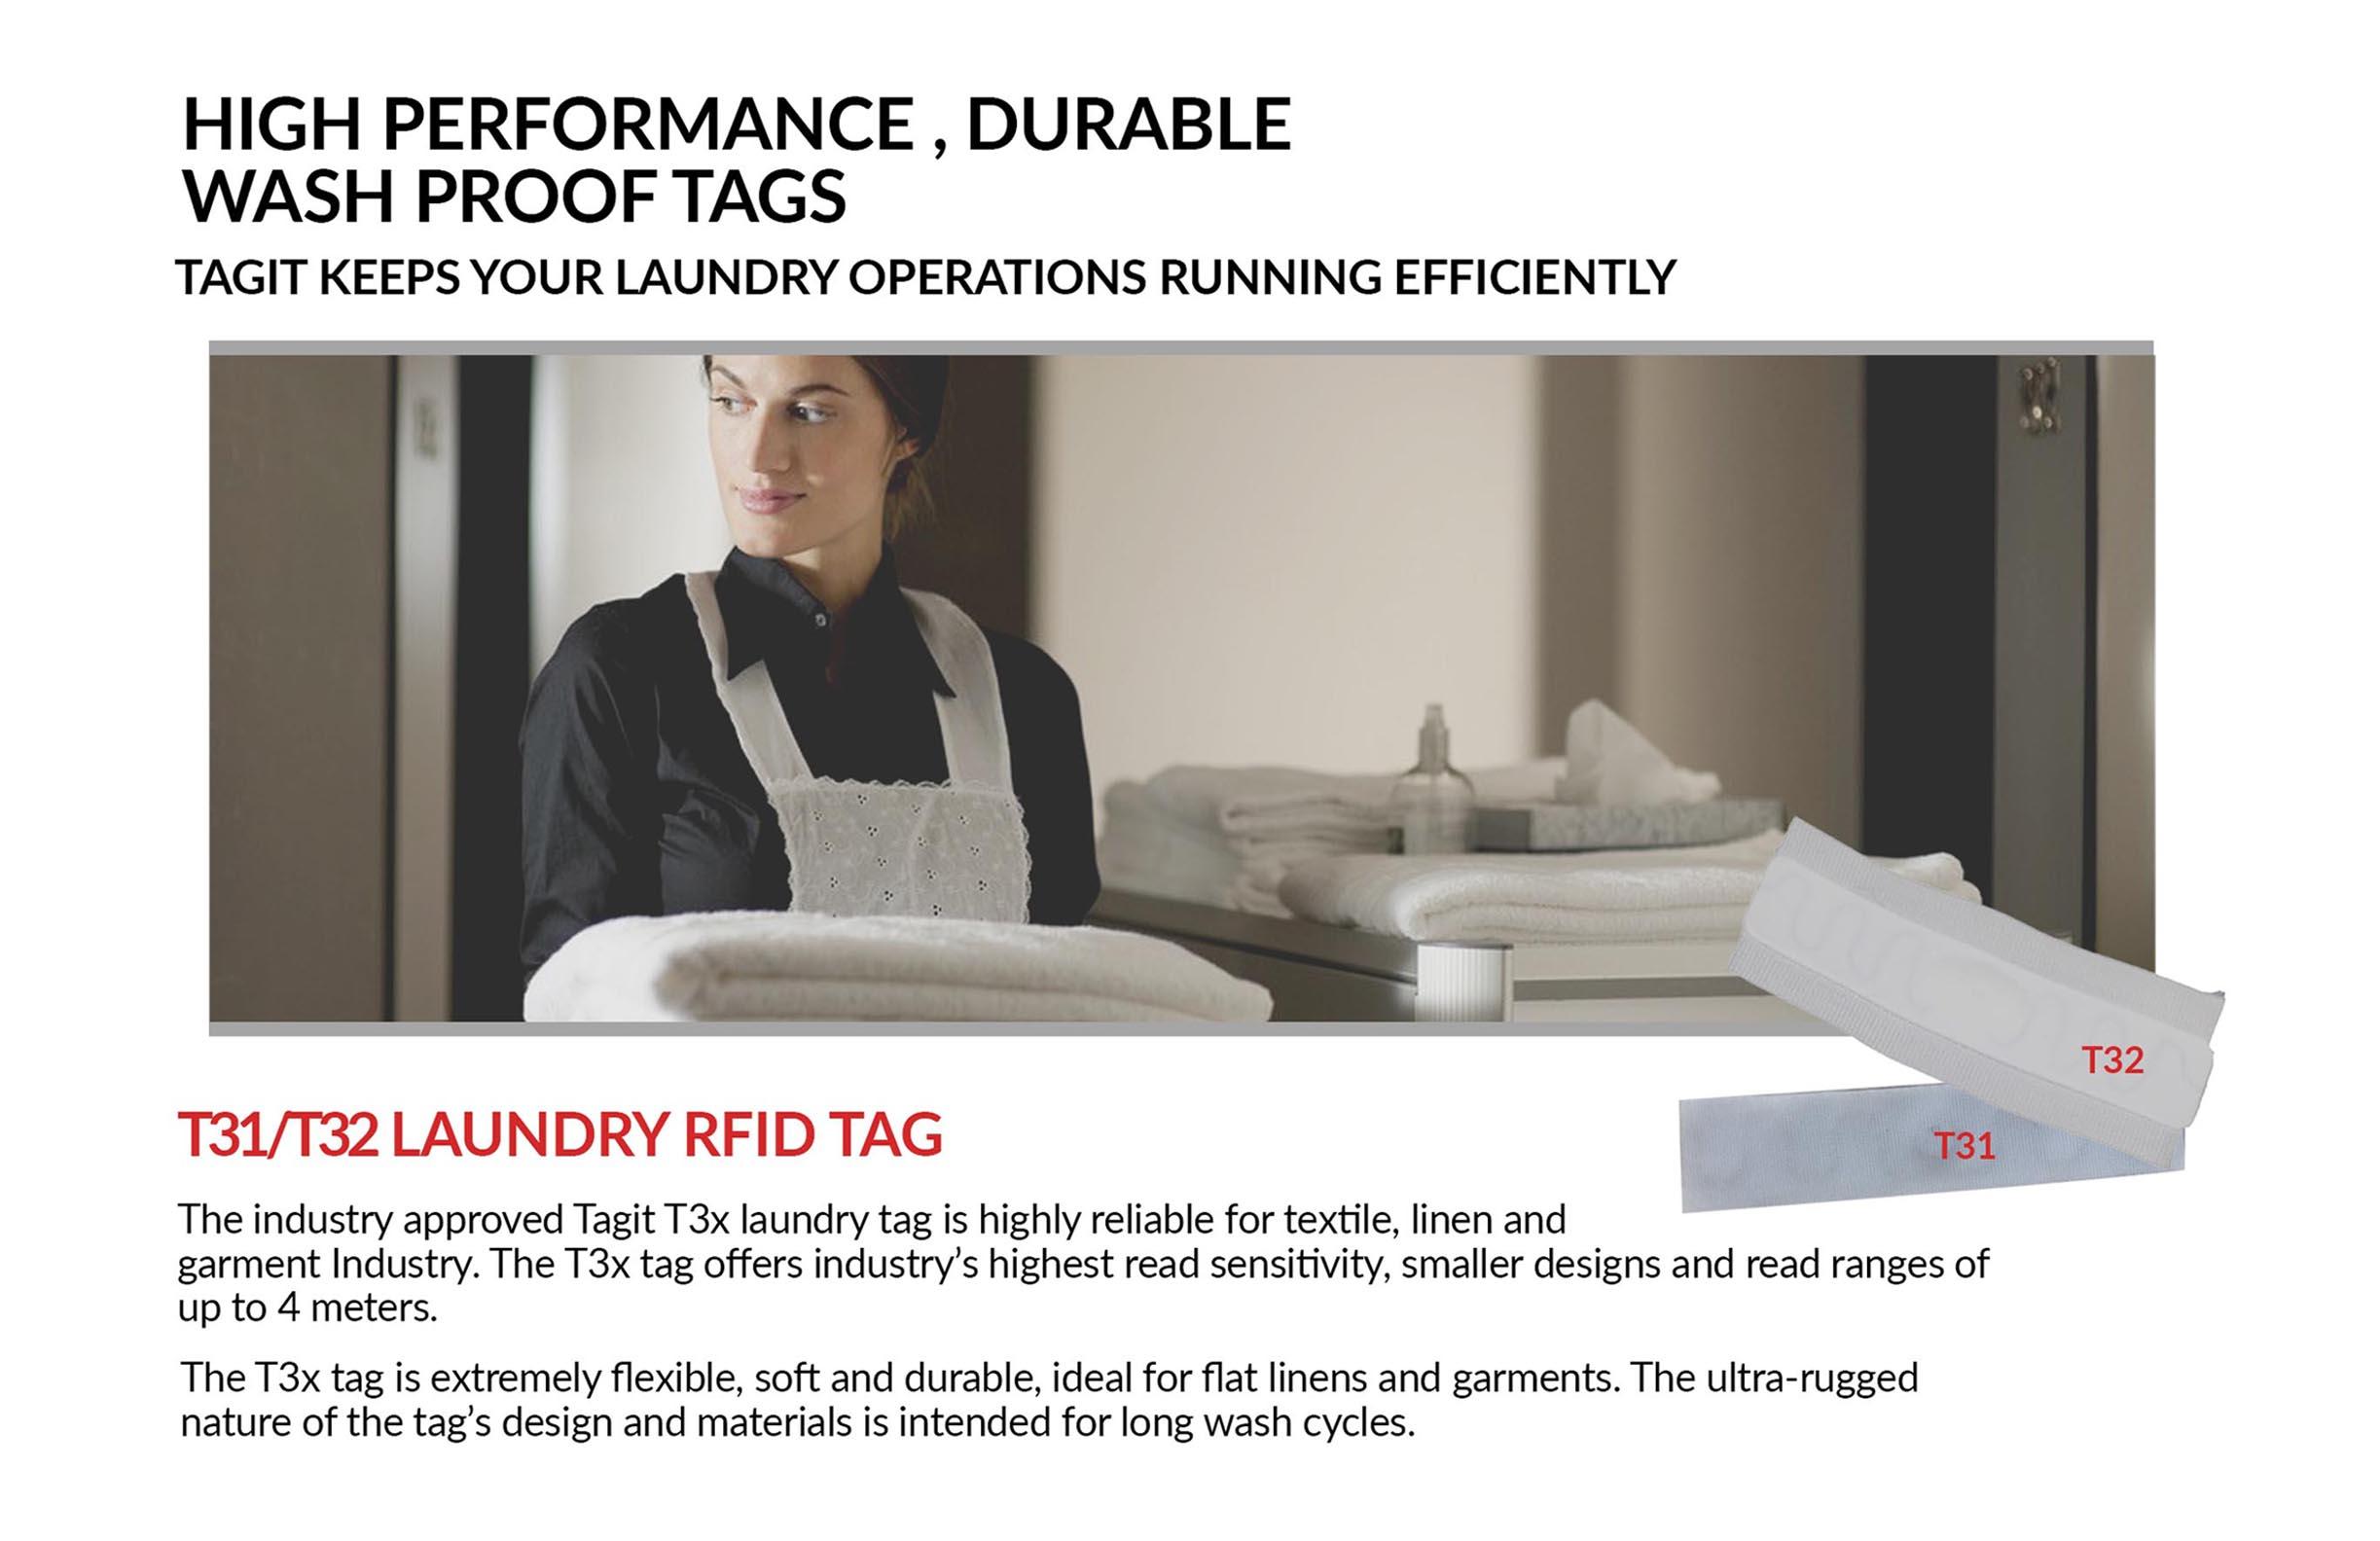 Tagit Laundry Tag Datasheet